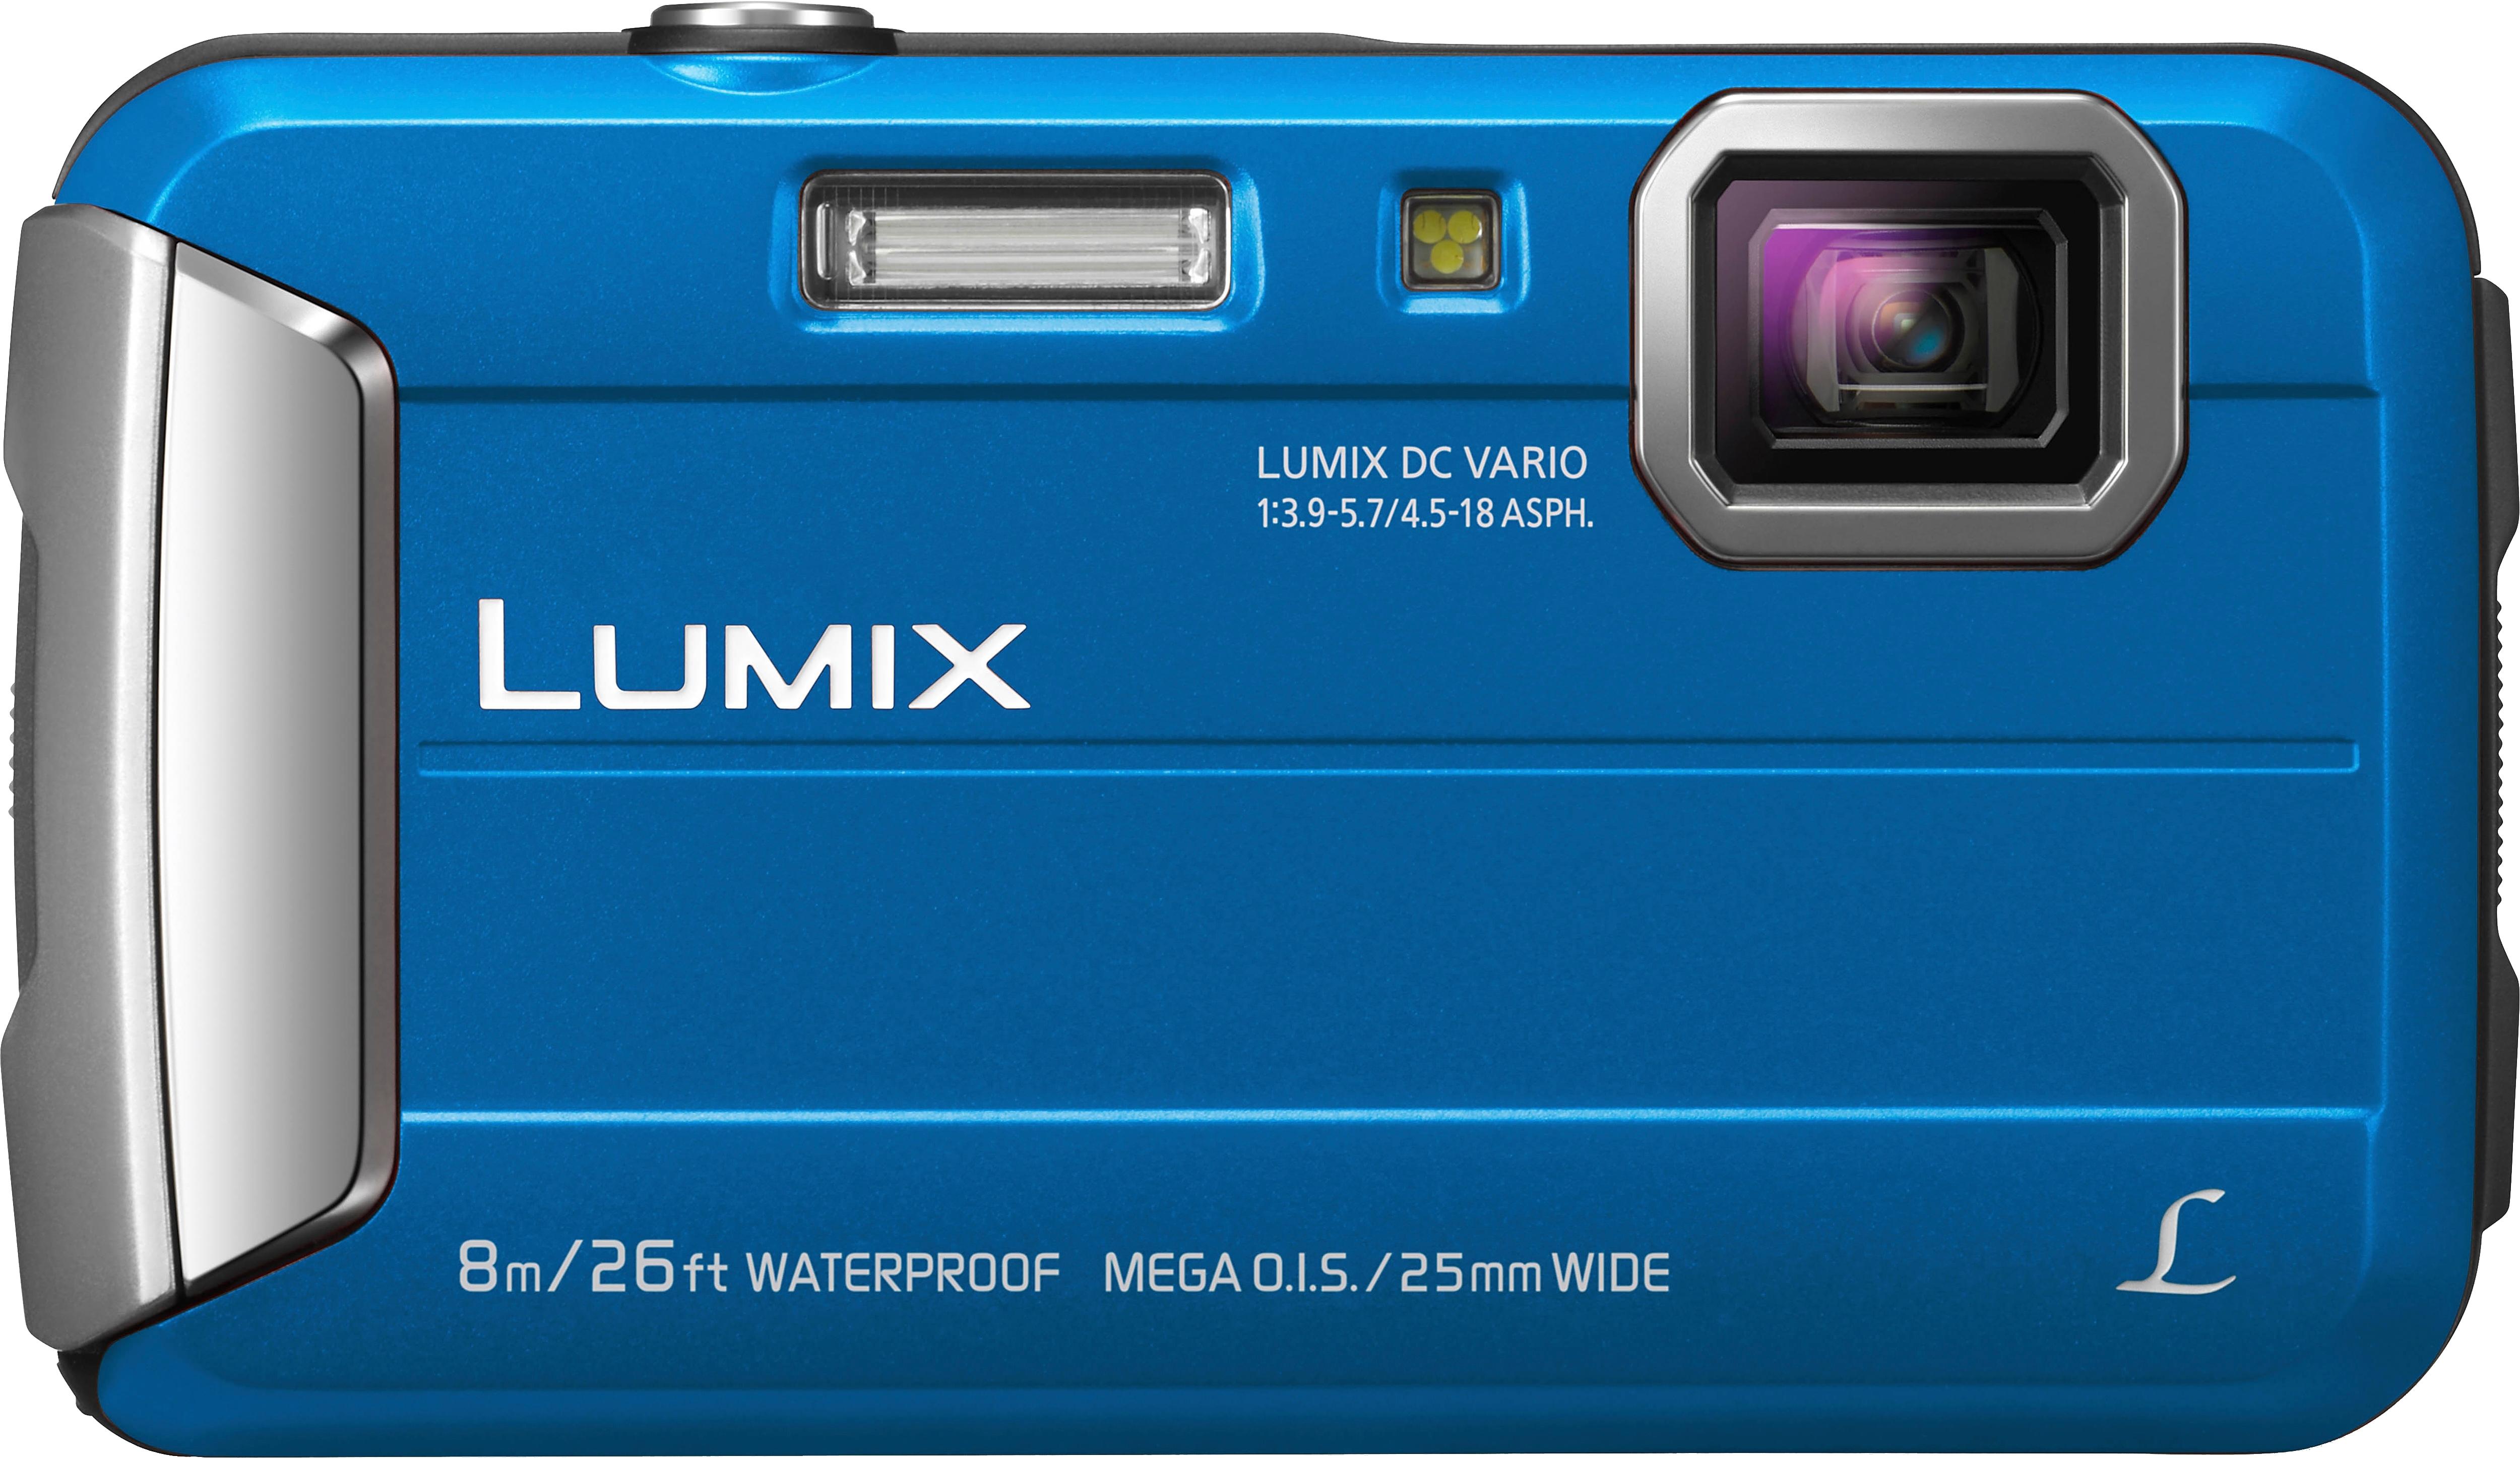 Panasonic Lumix DMC-FT30 Outdoor camera, 16,1 Megapixel, 4x opt. Zoom, 6,7 cm Display veilig op otto.nl kopen